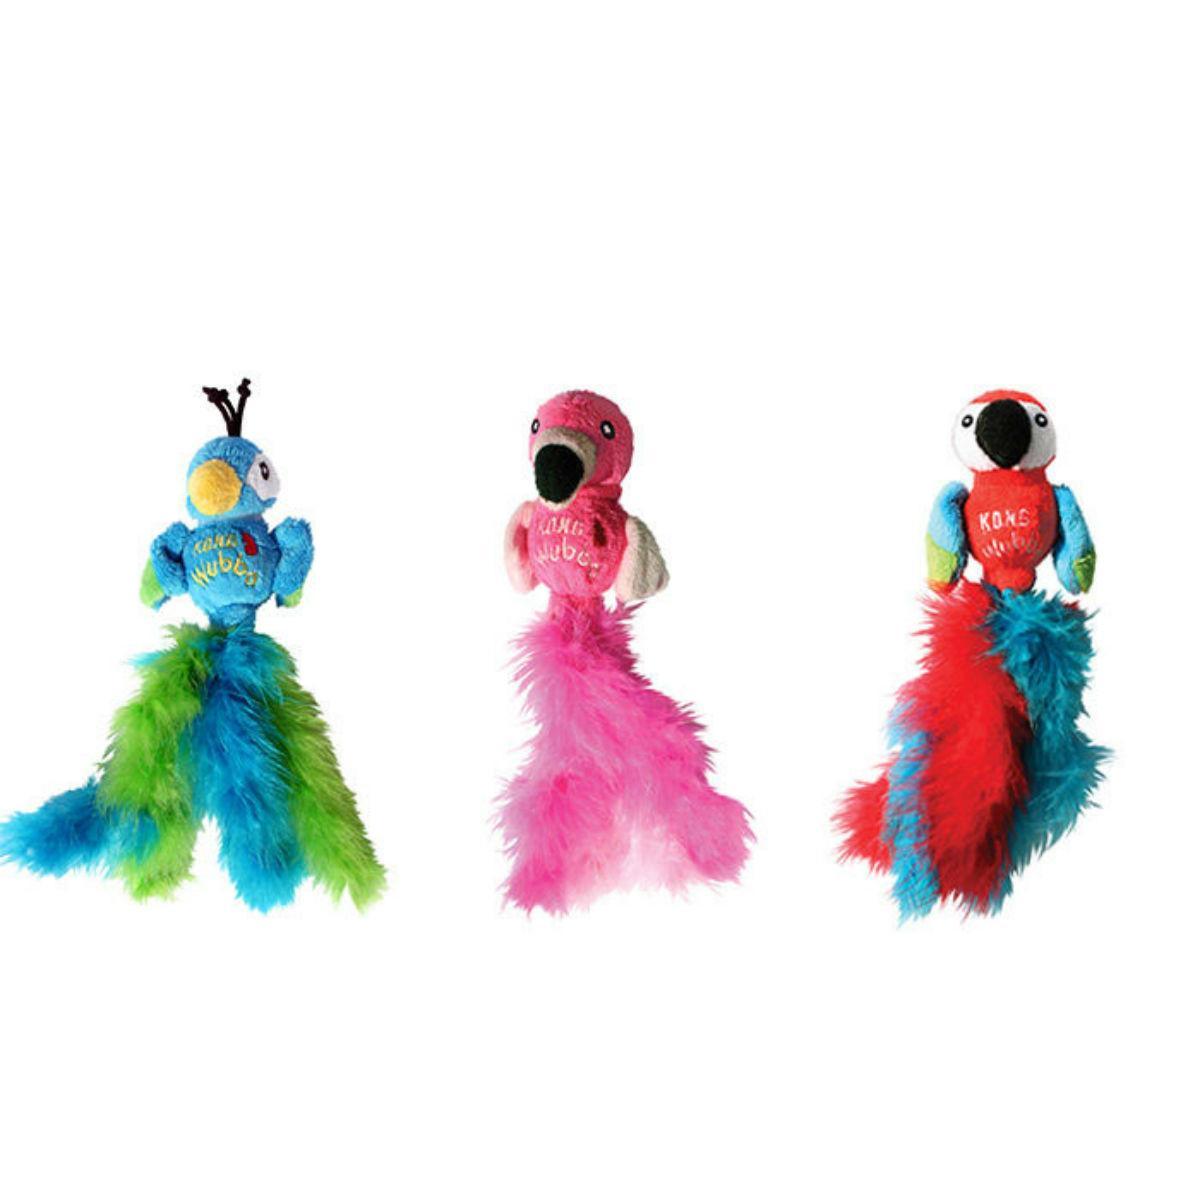 KONG Wubba Cat Toy - Bird